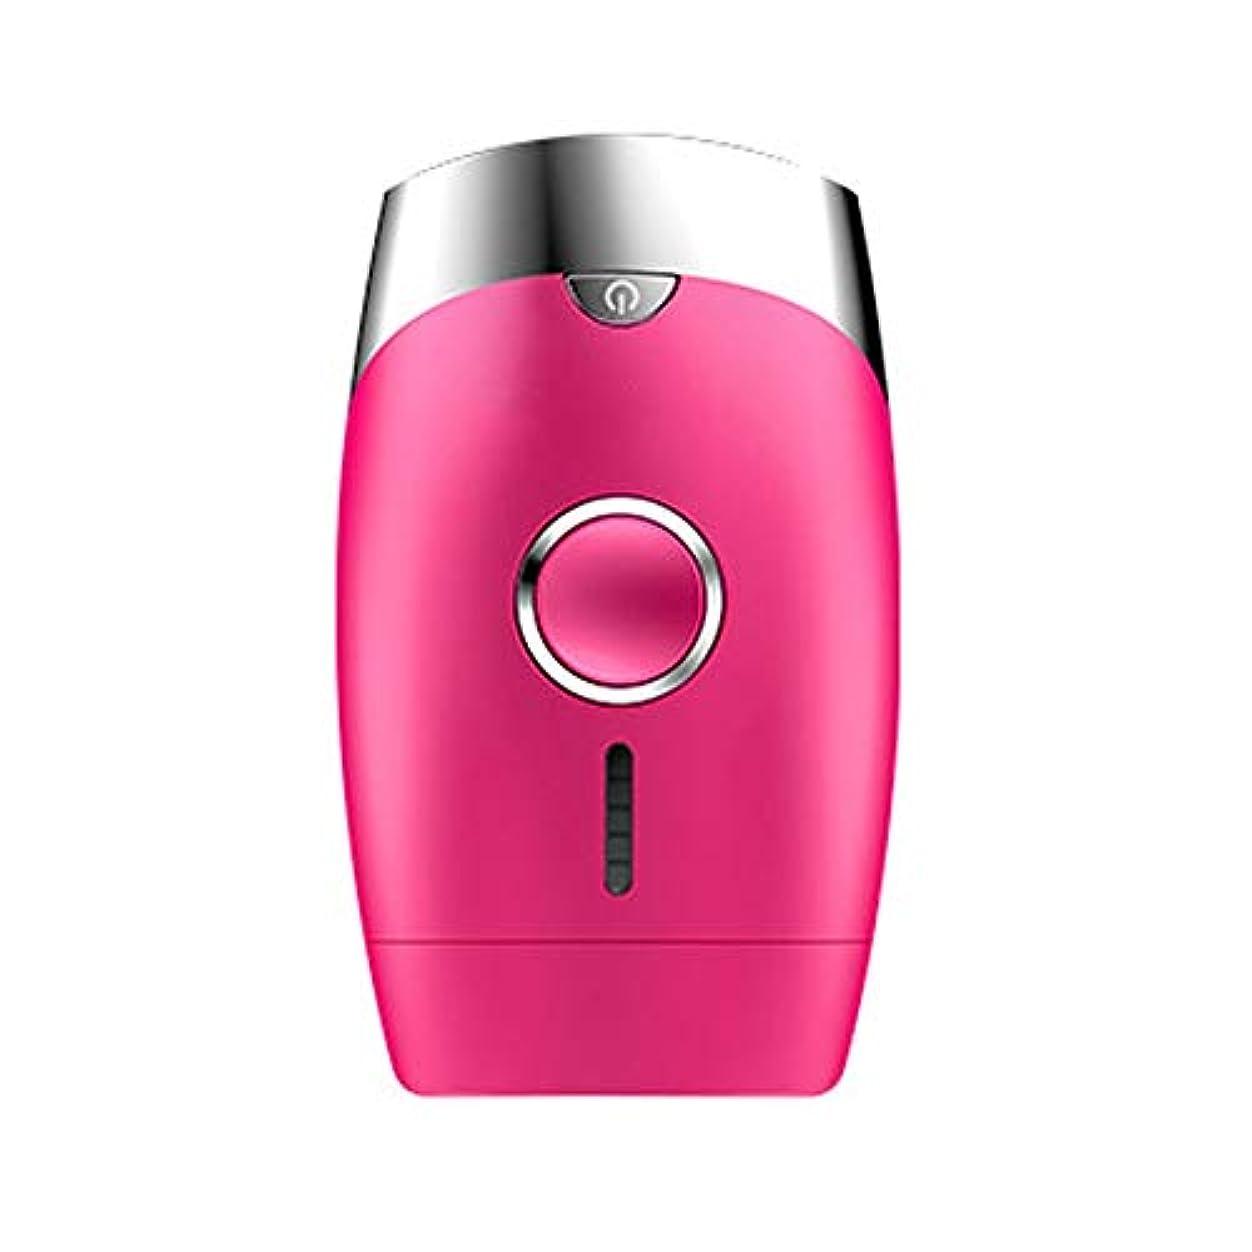 メロディアス収縮安定Nuanxin ピンク、5スピード調整、インテリジェント家庭用痛みのない凝固点ヘアリムーバー、シングルフラッシュ/連続フラッシュ、サイズ13.9 X 8.3 X 4.8 Cm F30 (Color : Pink)